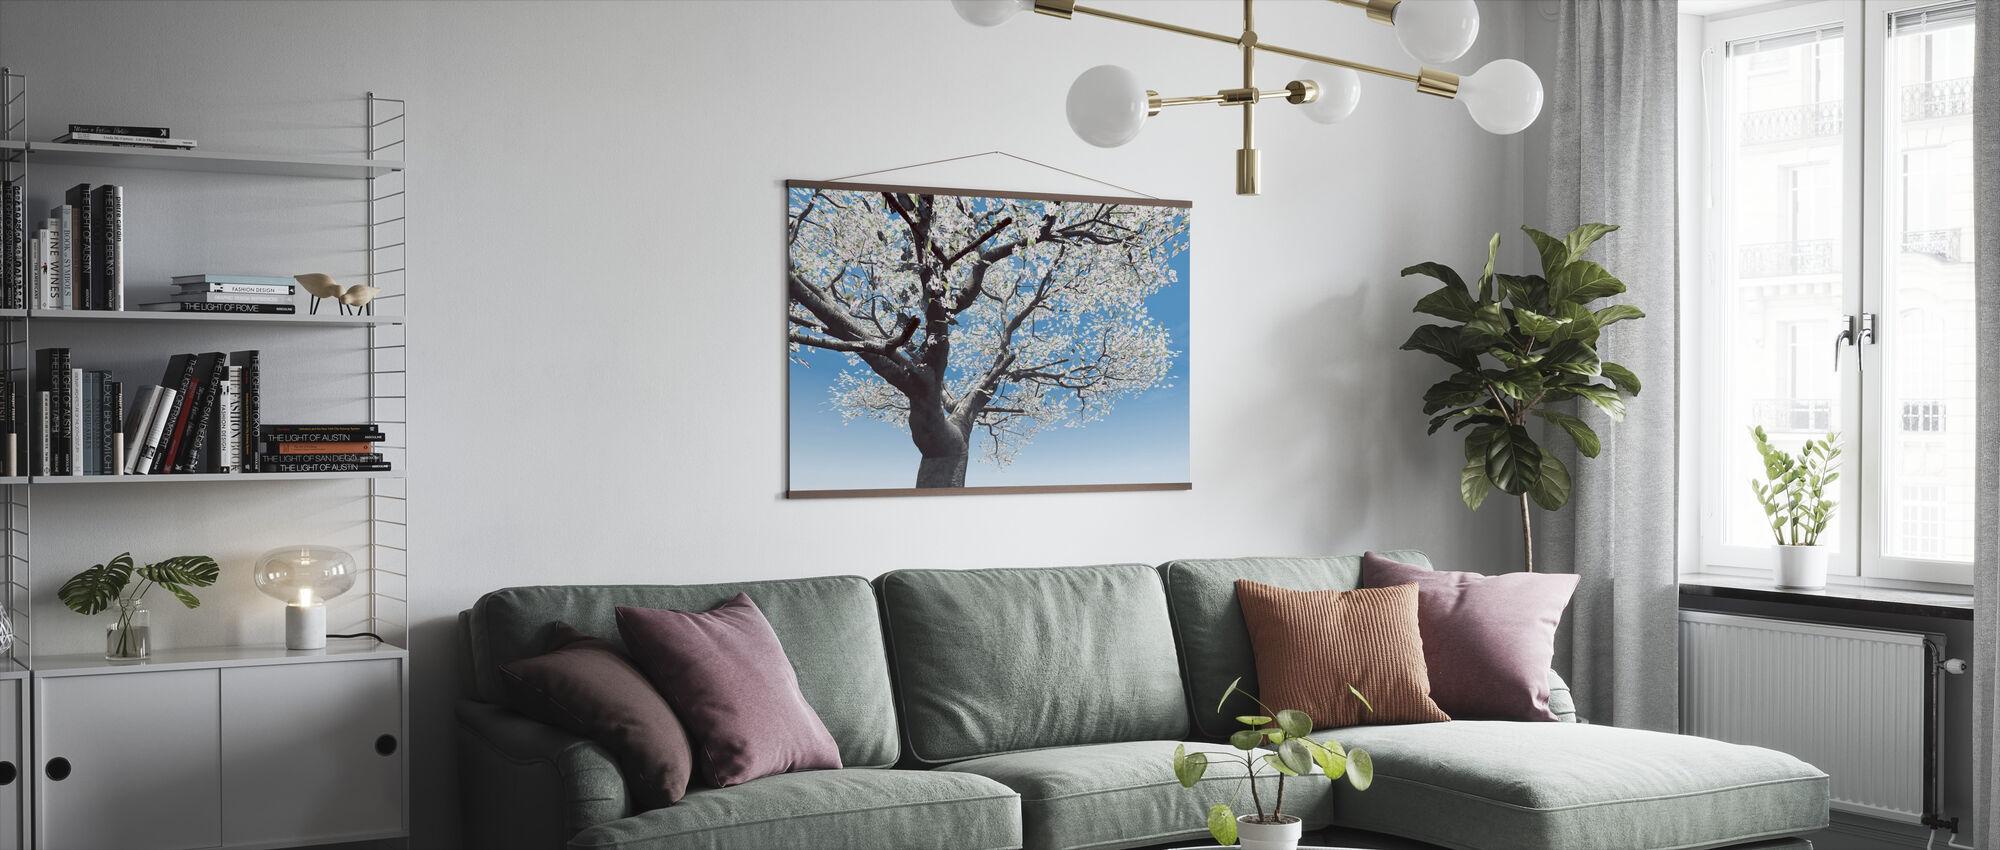 Blommande körsbärsträd - Poster - Vardagsrum